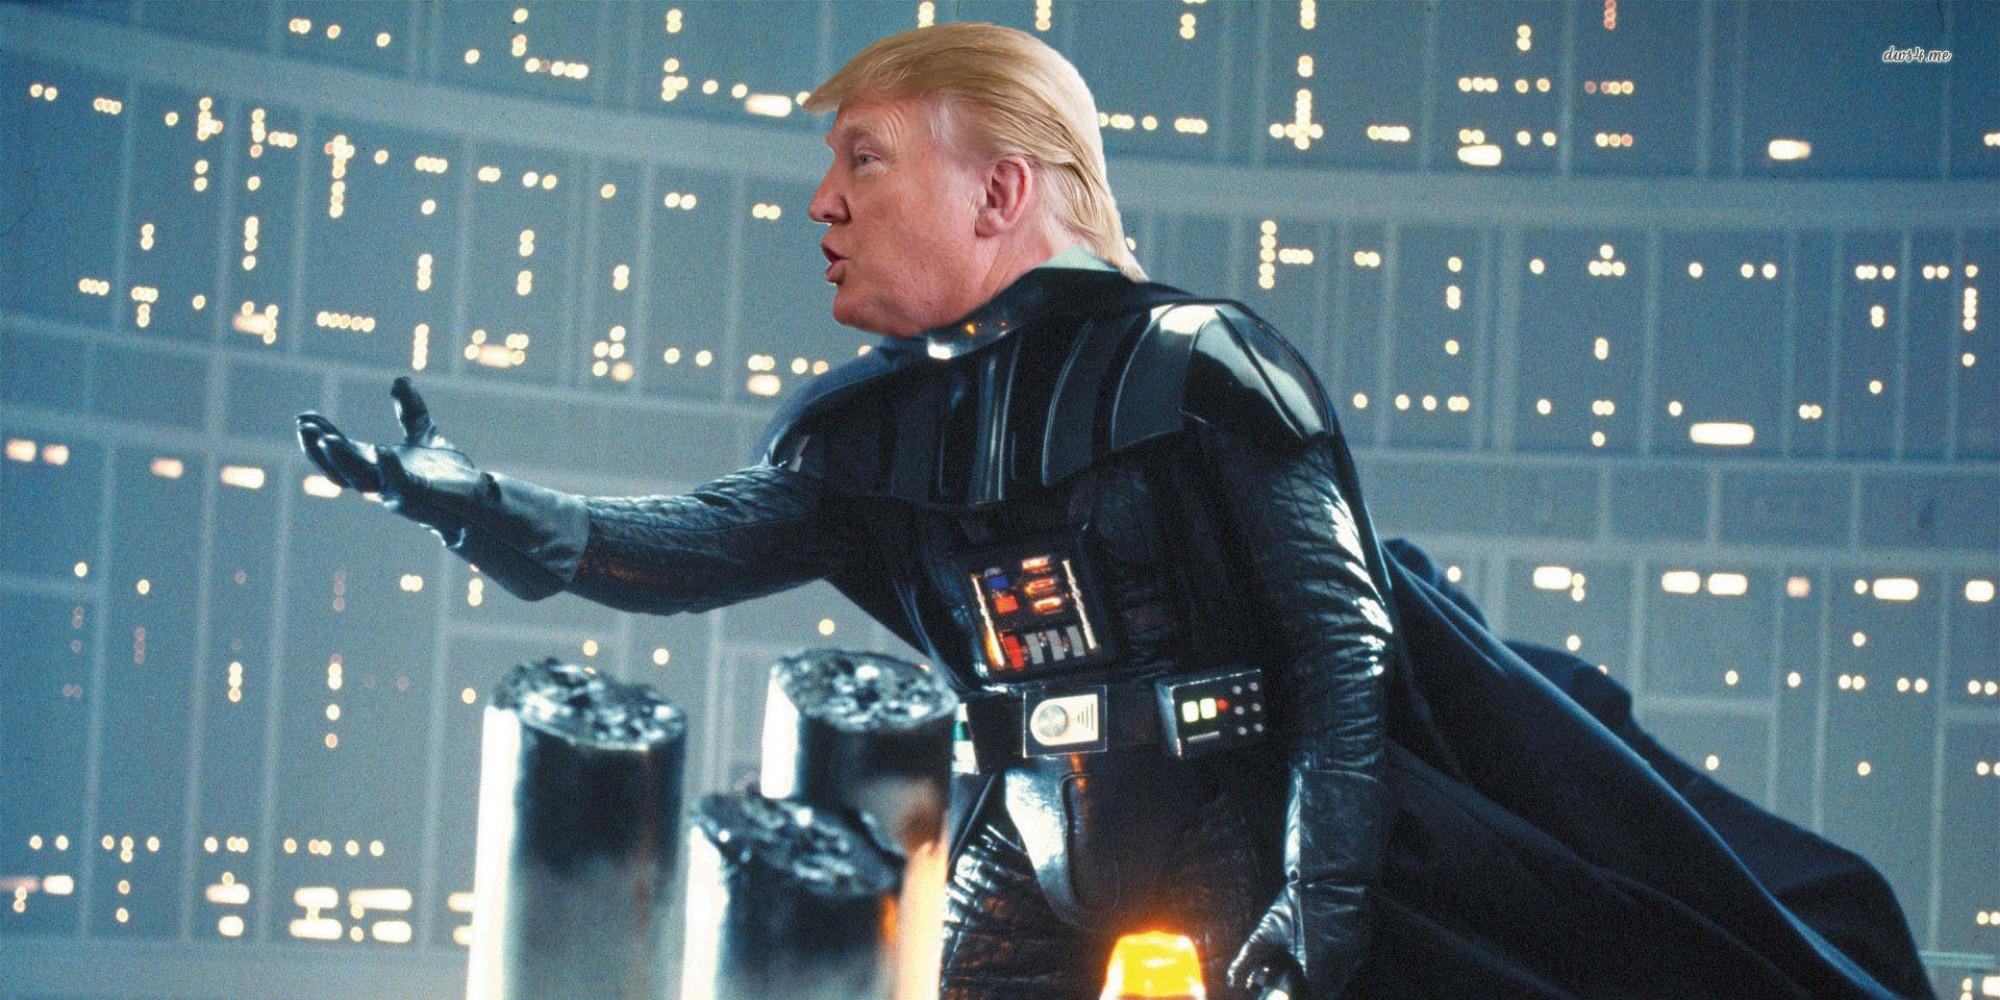 Trump zaliczy jakieś cameo w Łotrze 1?